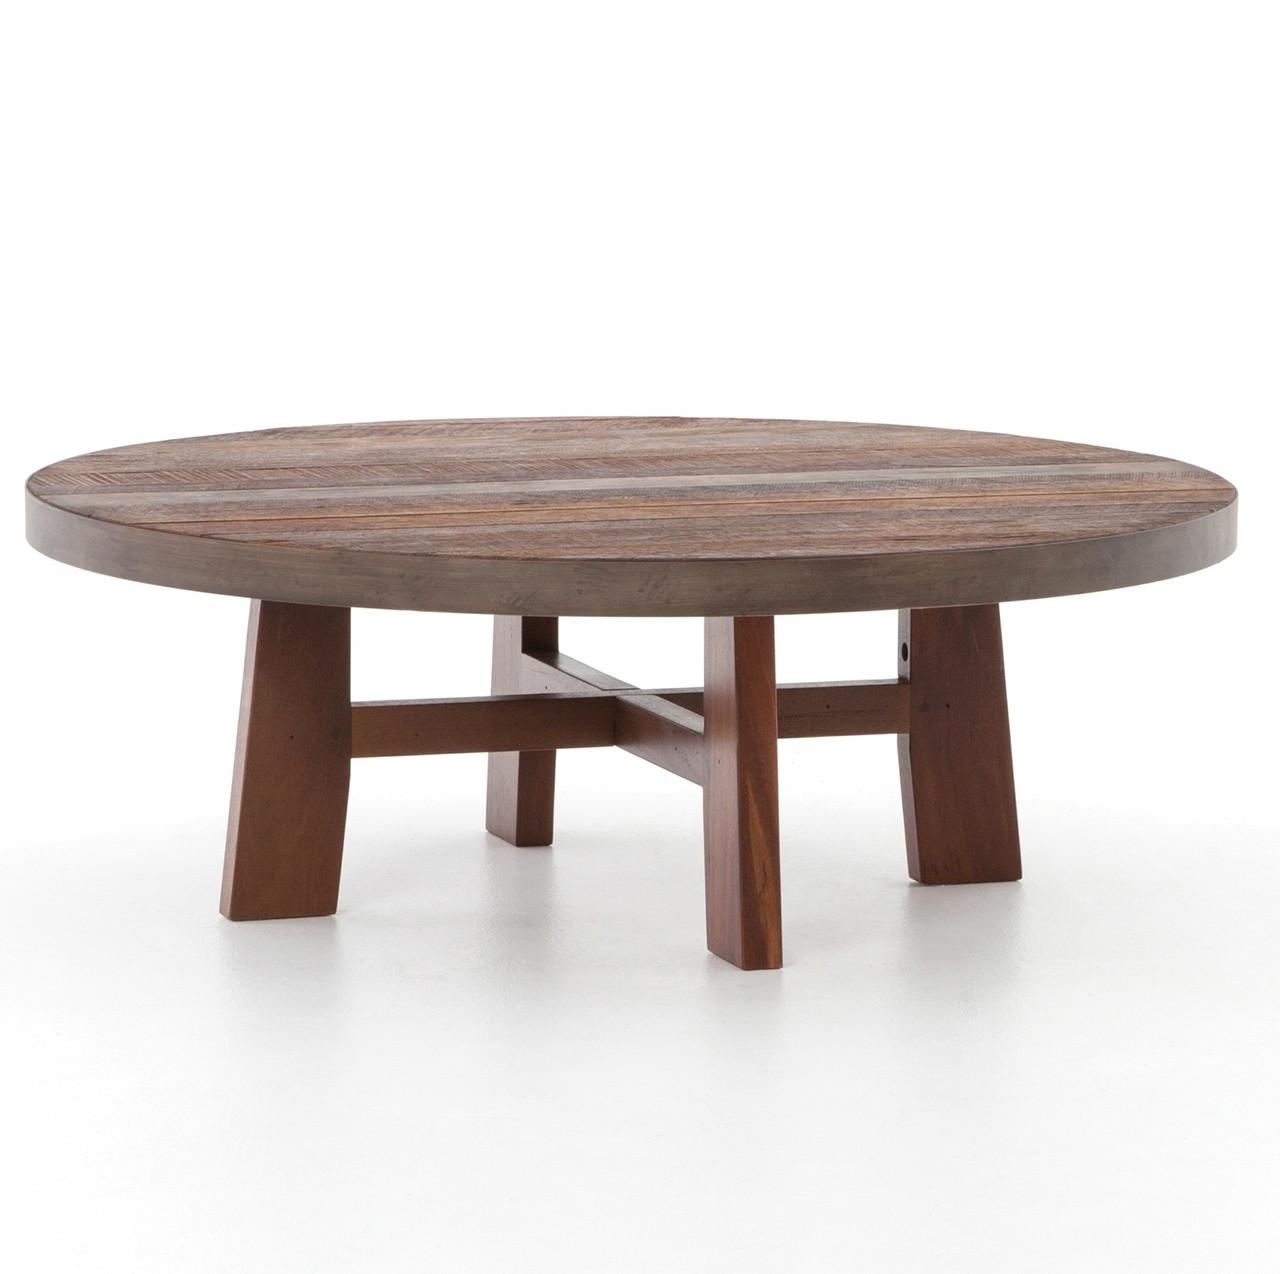 Lauren Reclaimed Wood Round Coffee Table 36 Zin Home